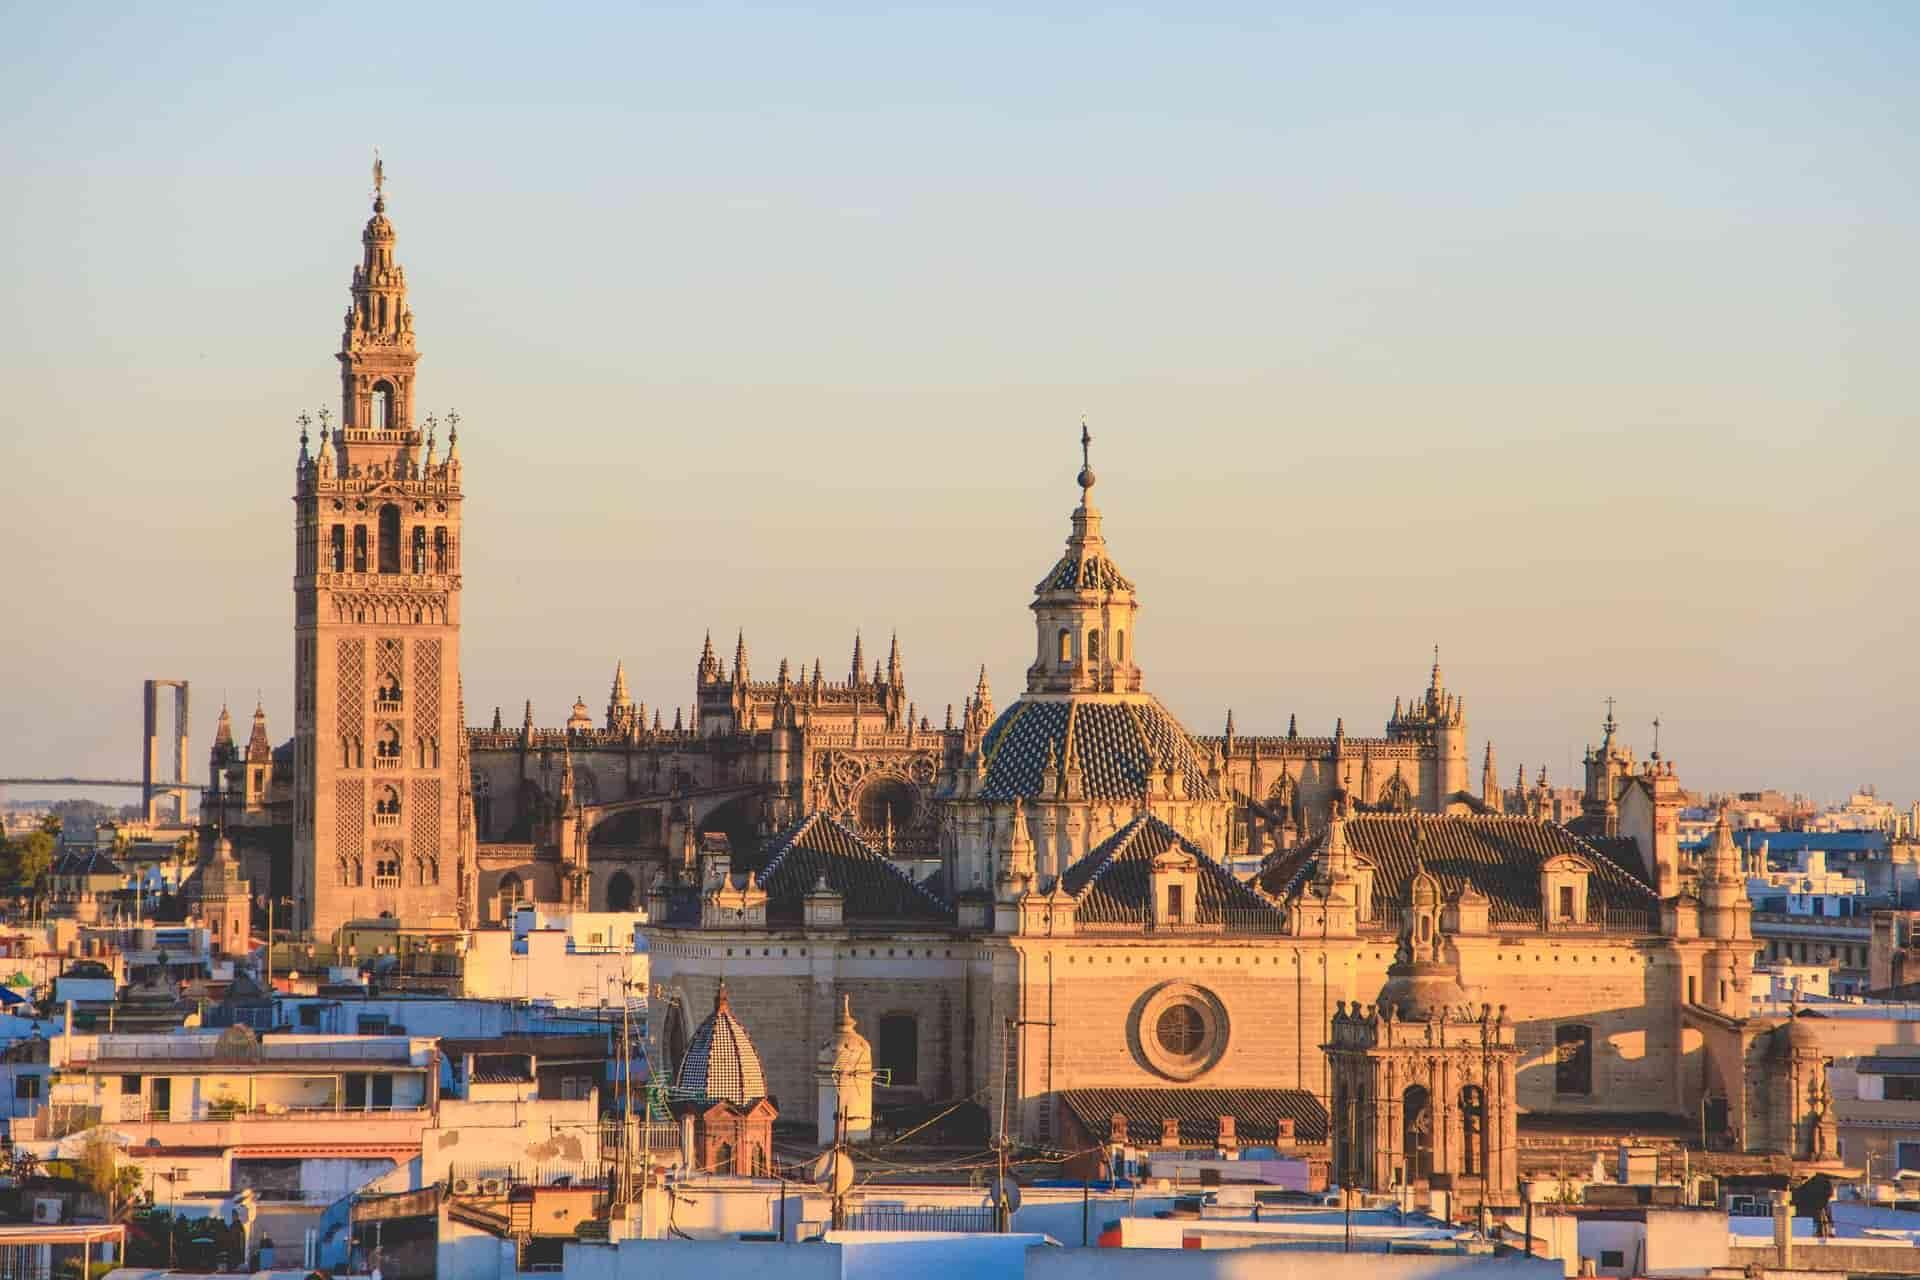 Sevilla óváros